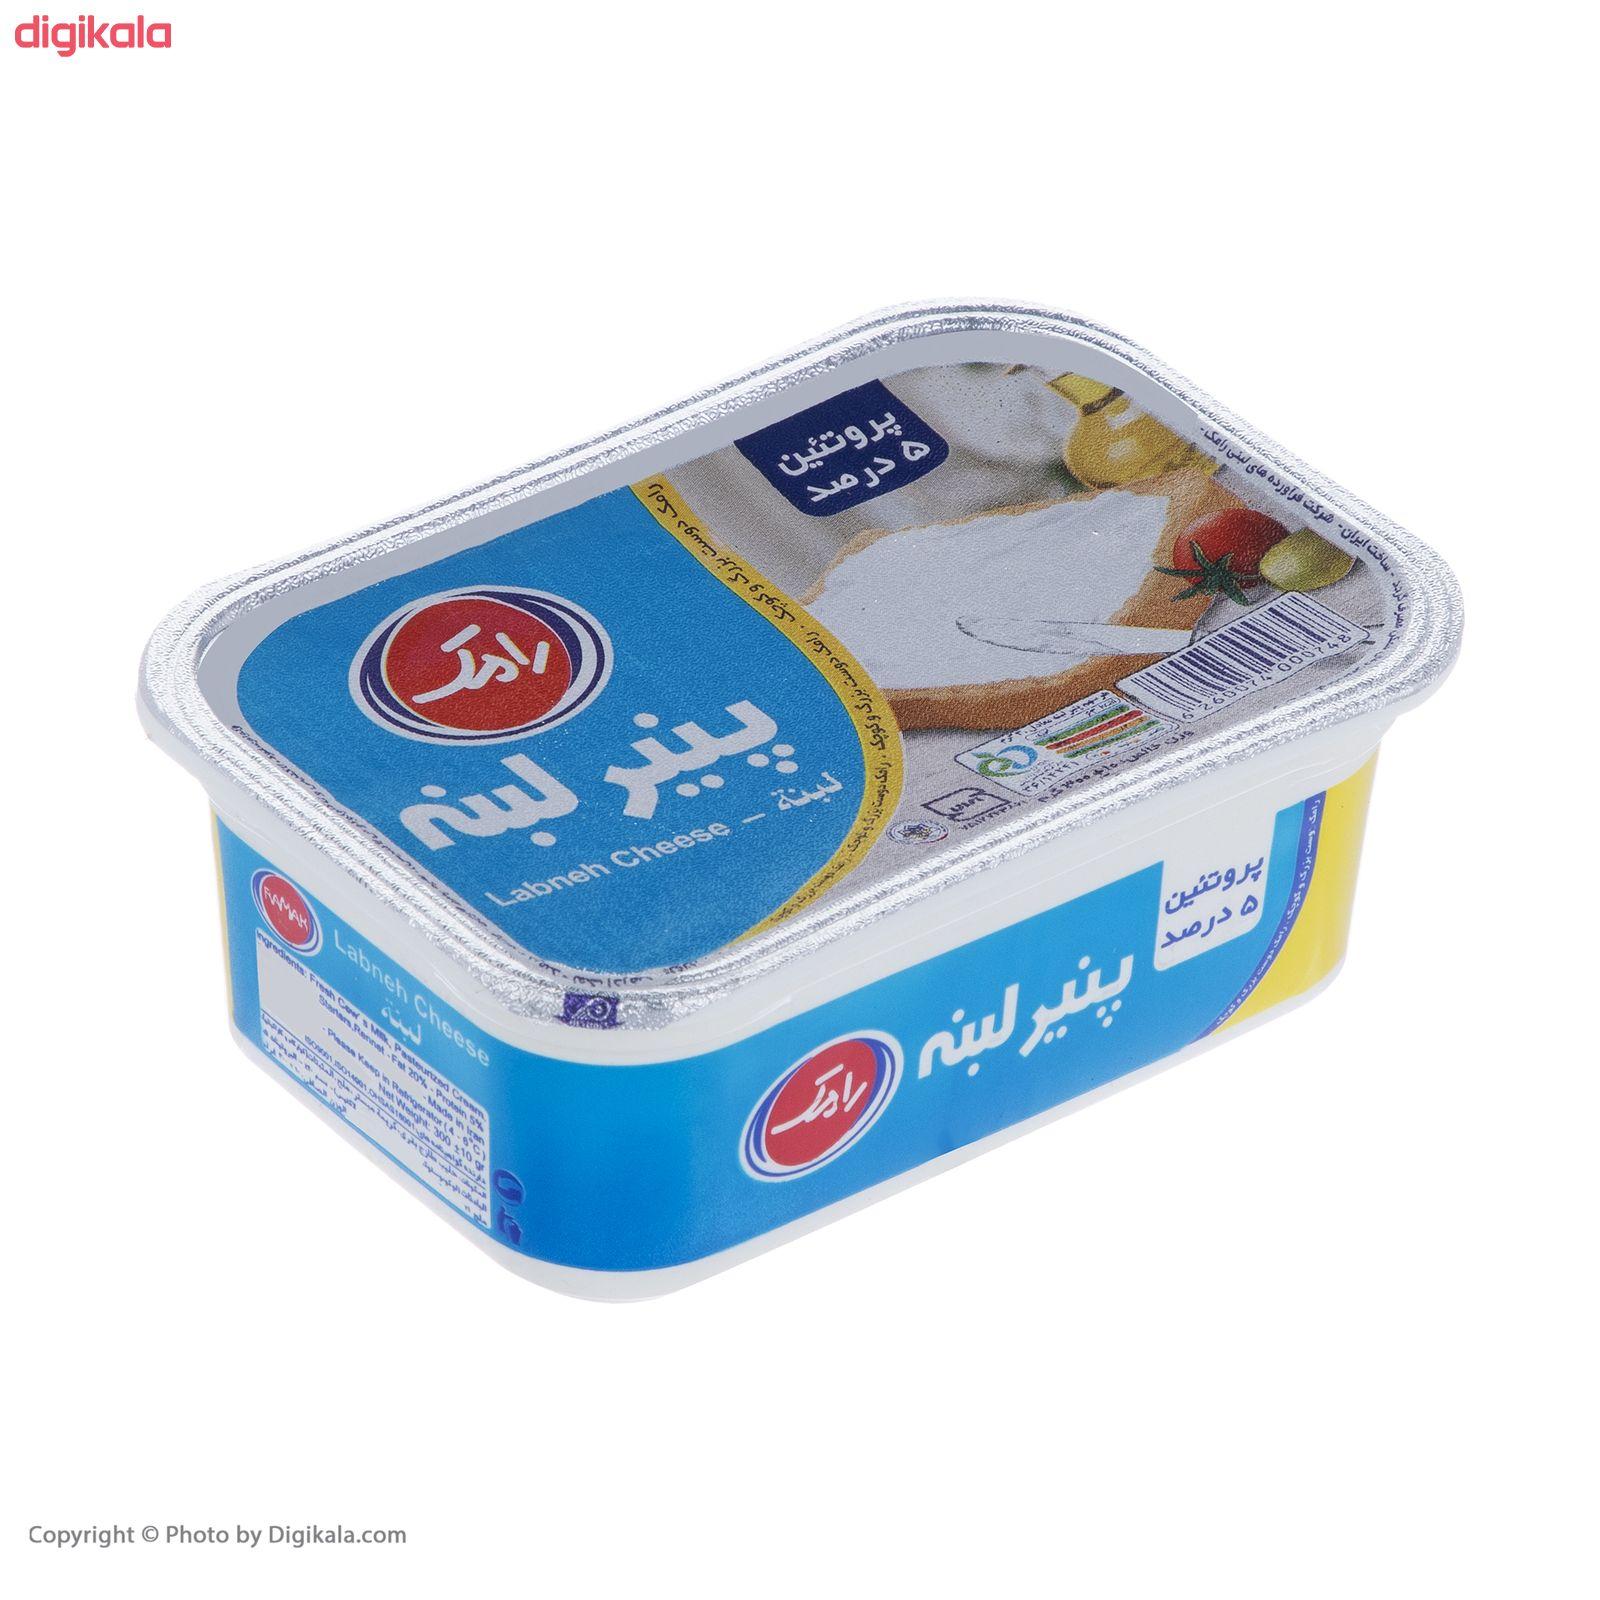 پنیر لبنه رامک وزن 300 گرم main 1 4